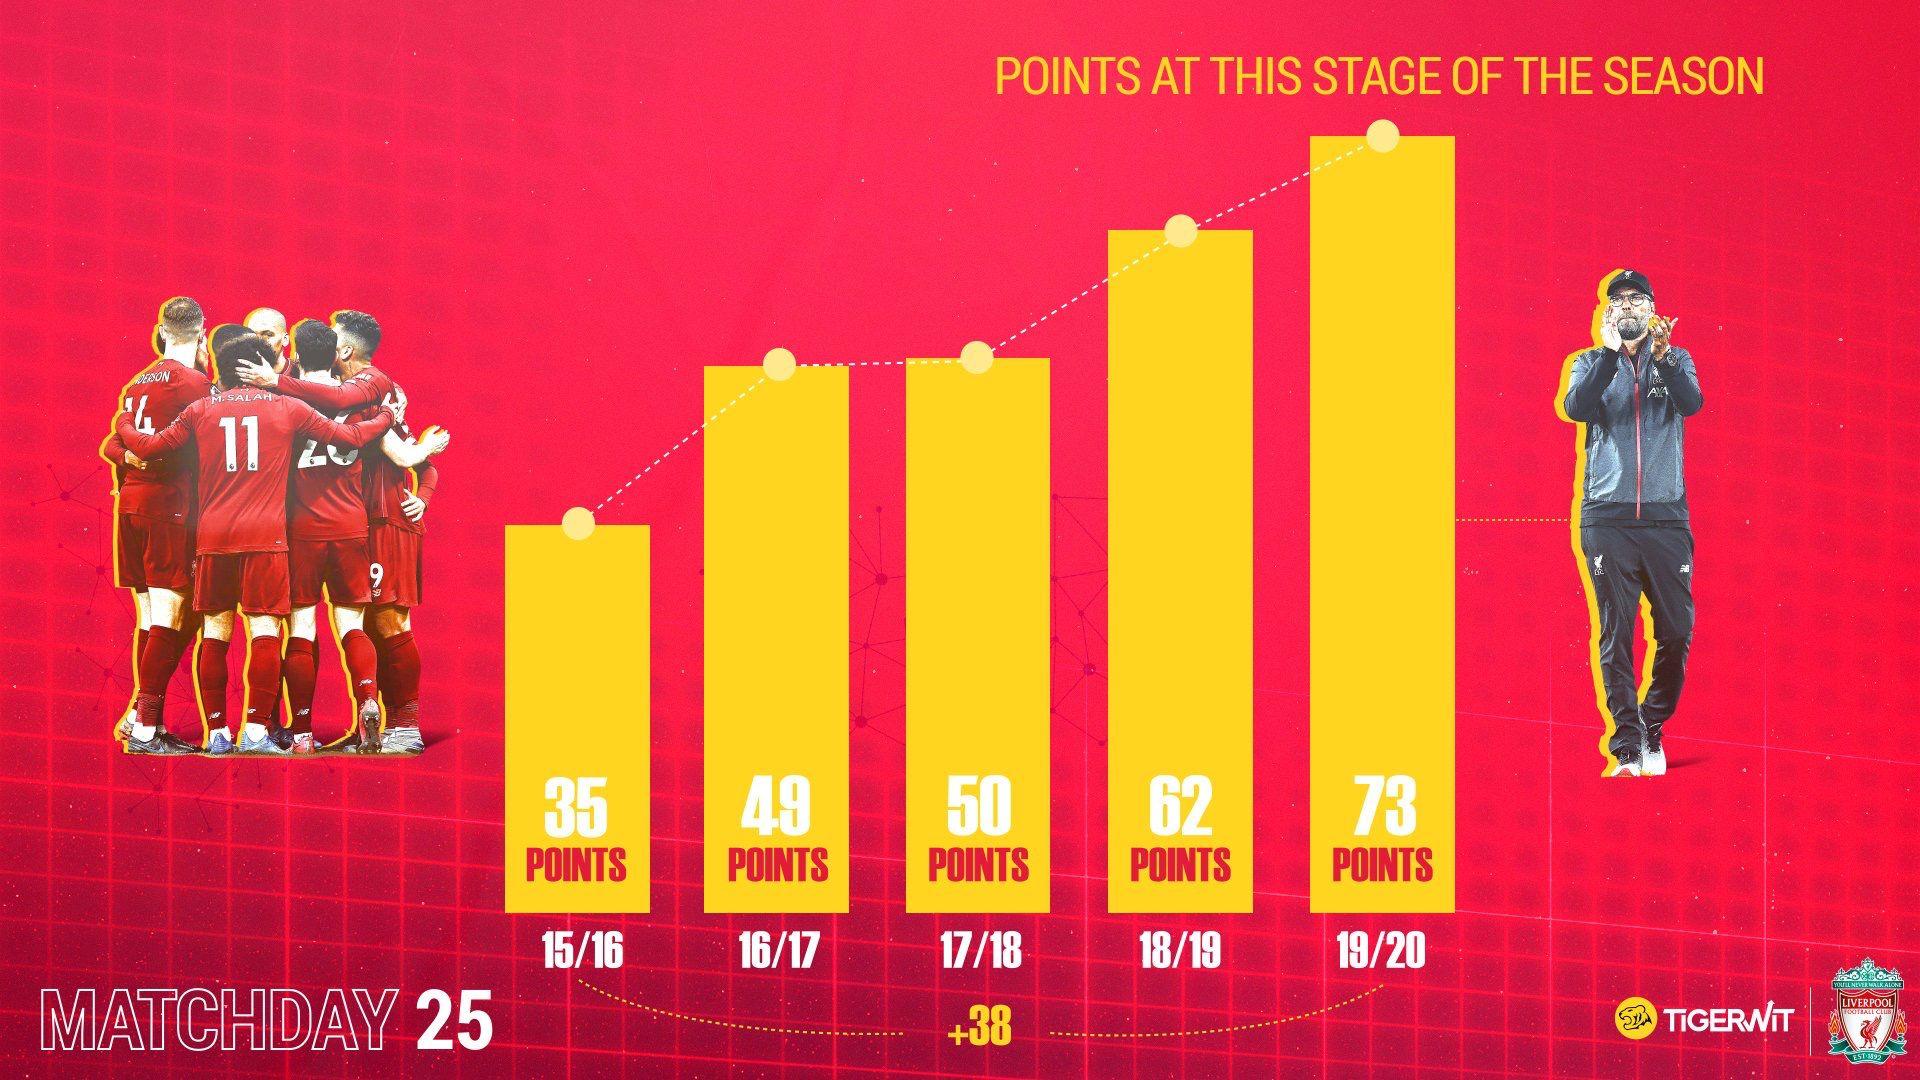 节节高!近5个赛季,利物浦英超同期积分升迁一倍众余